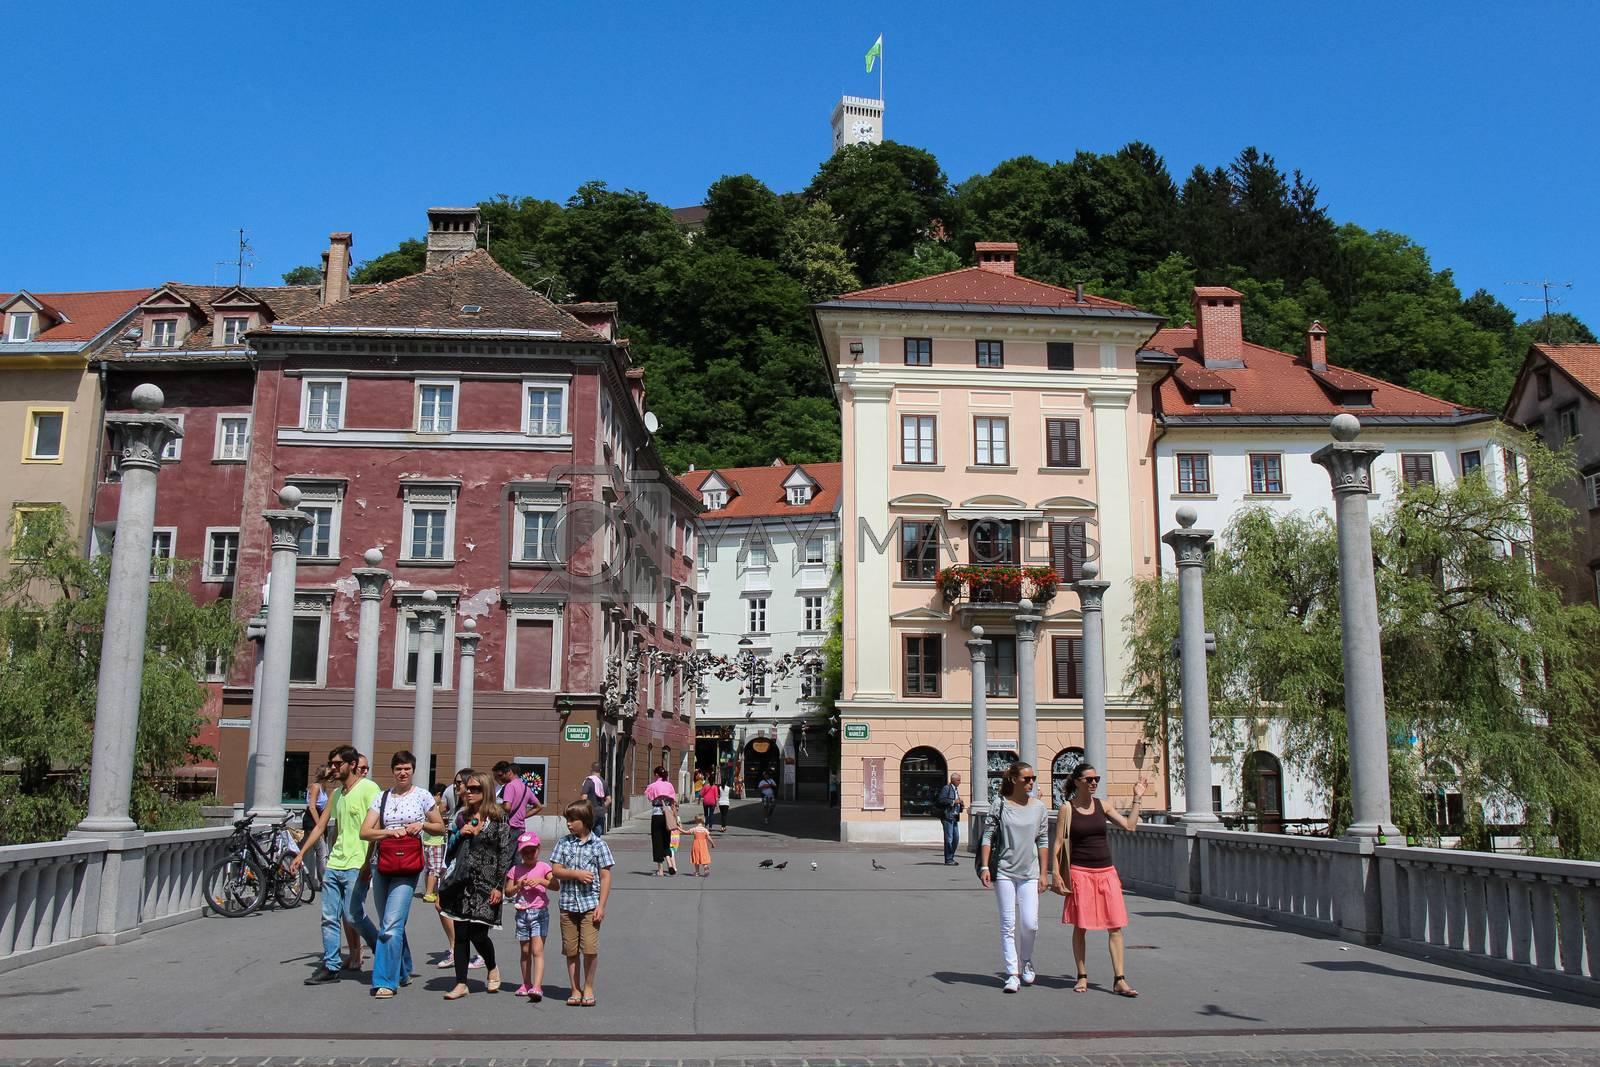 Ljubljana, Slovenia - July 16th 2018: Cobblers Bridge in central Ljubljana in summer, Slovenia